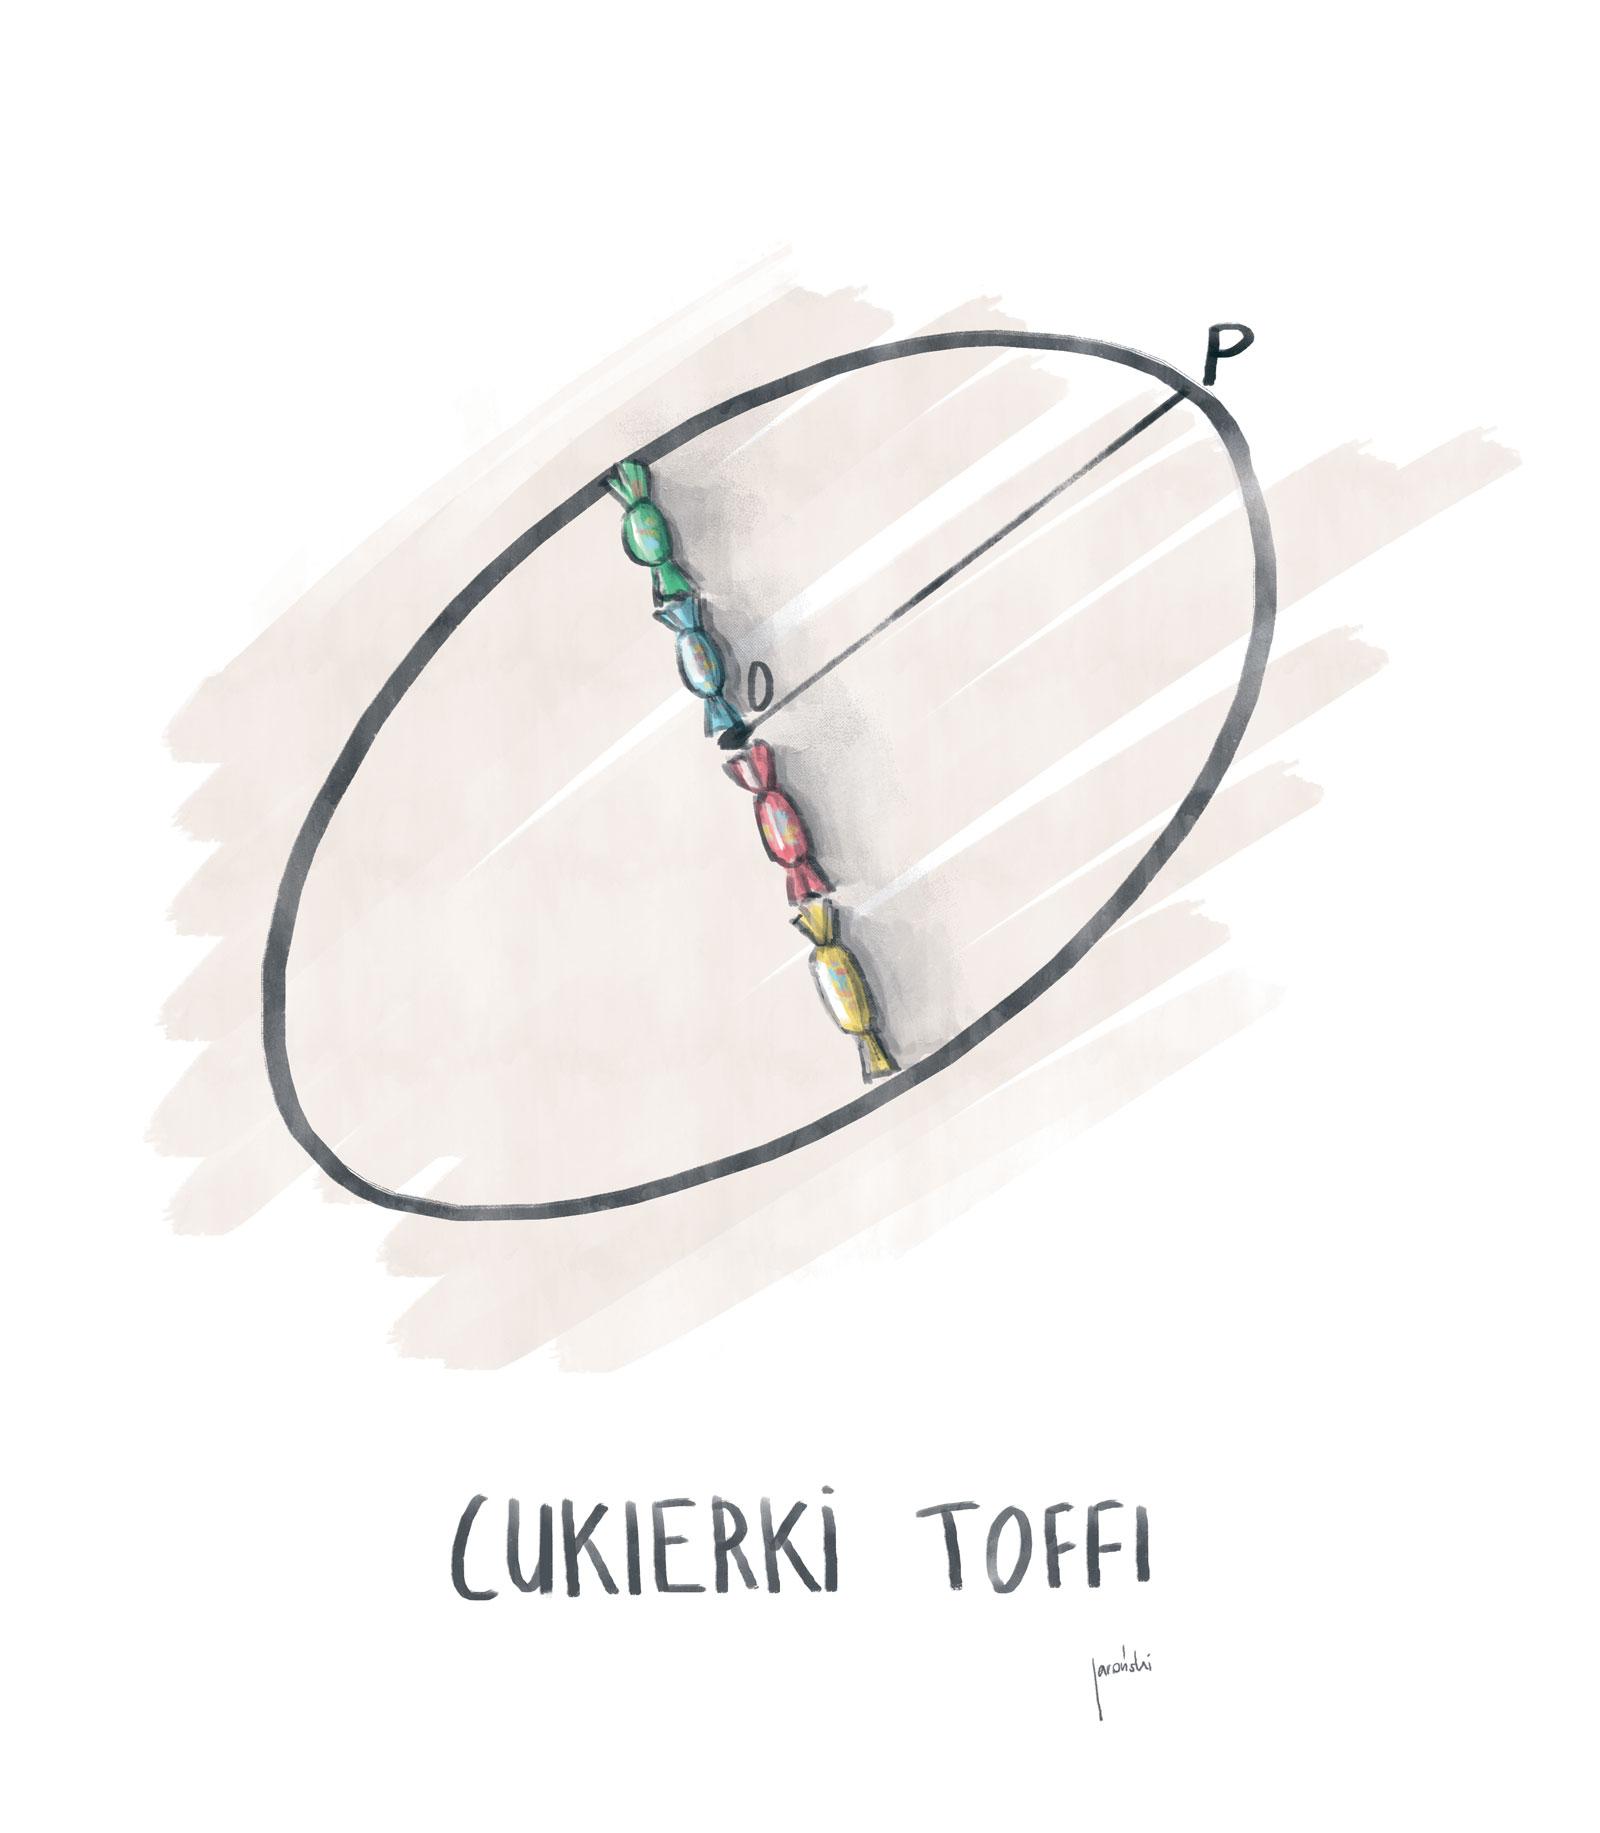 tmp_24361-cukierki-toffi710996896